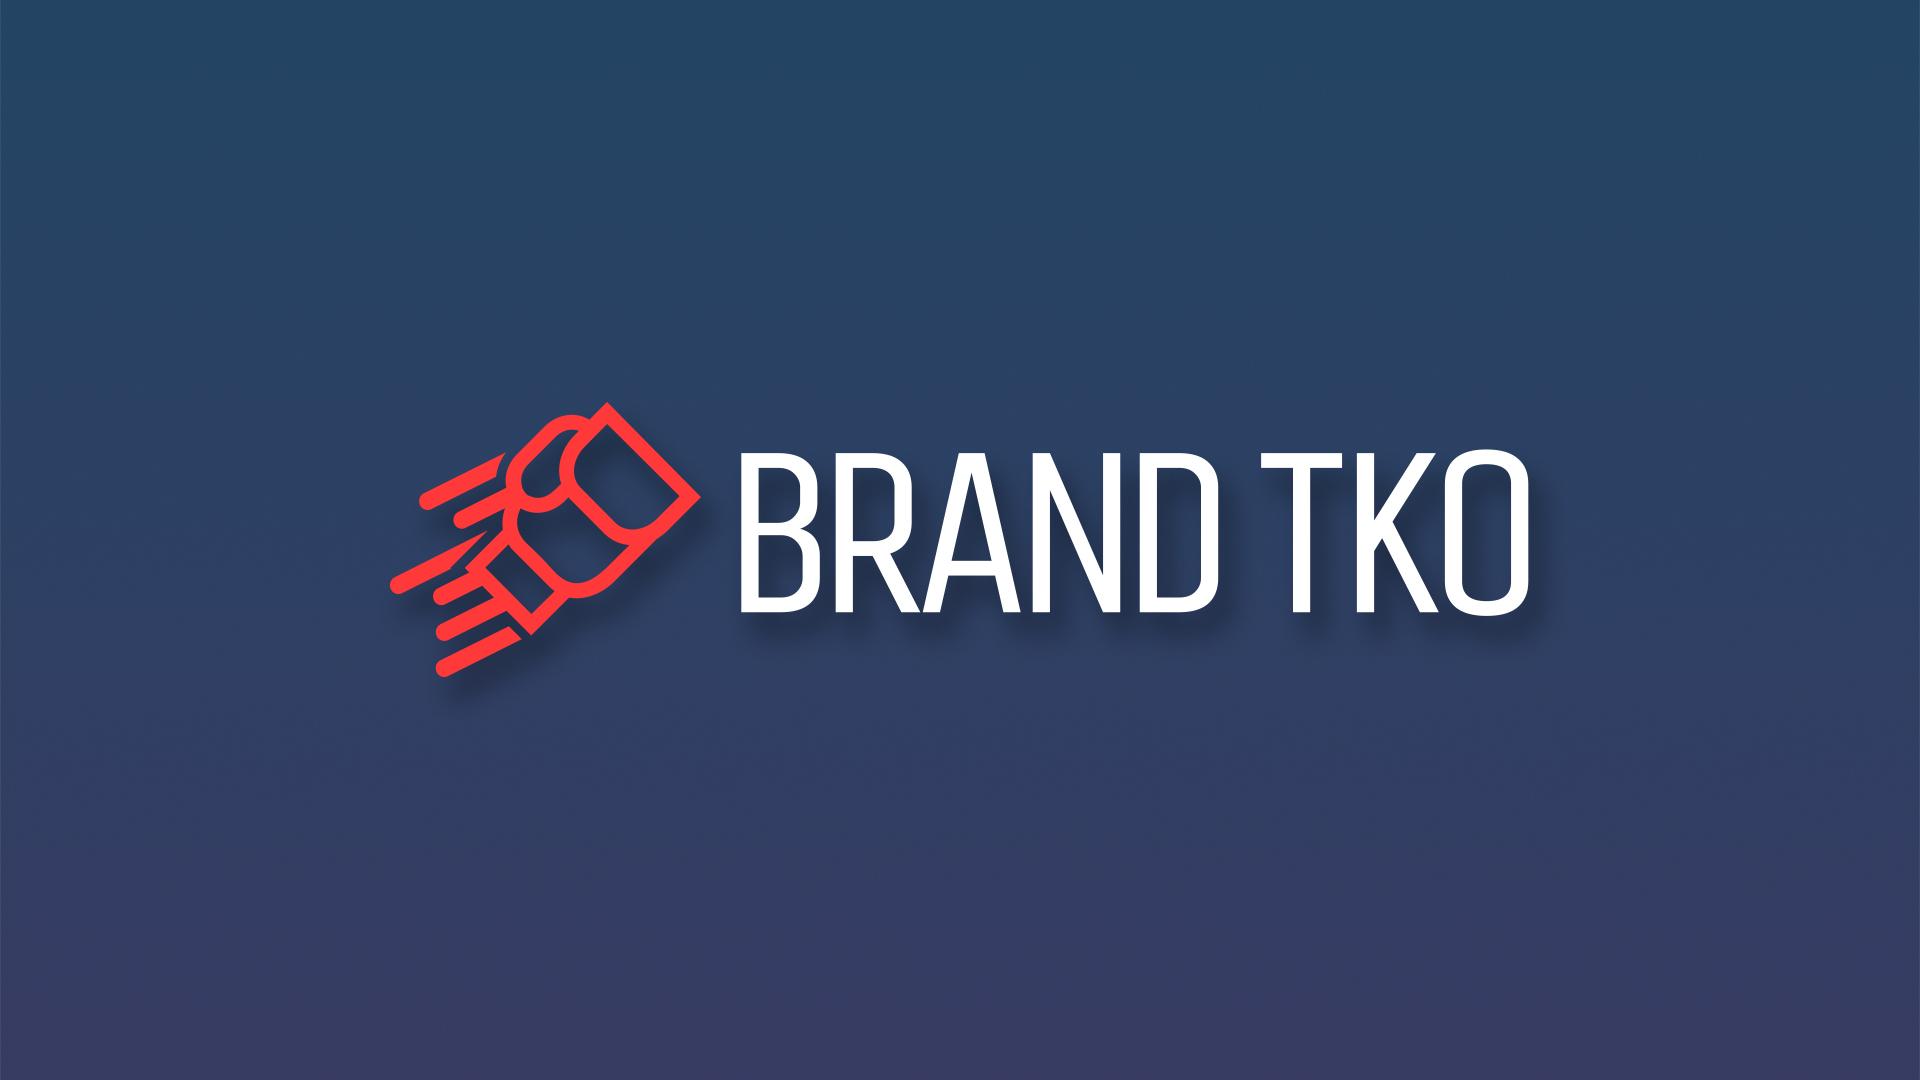 Brand TKO